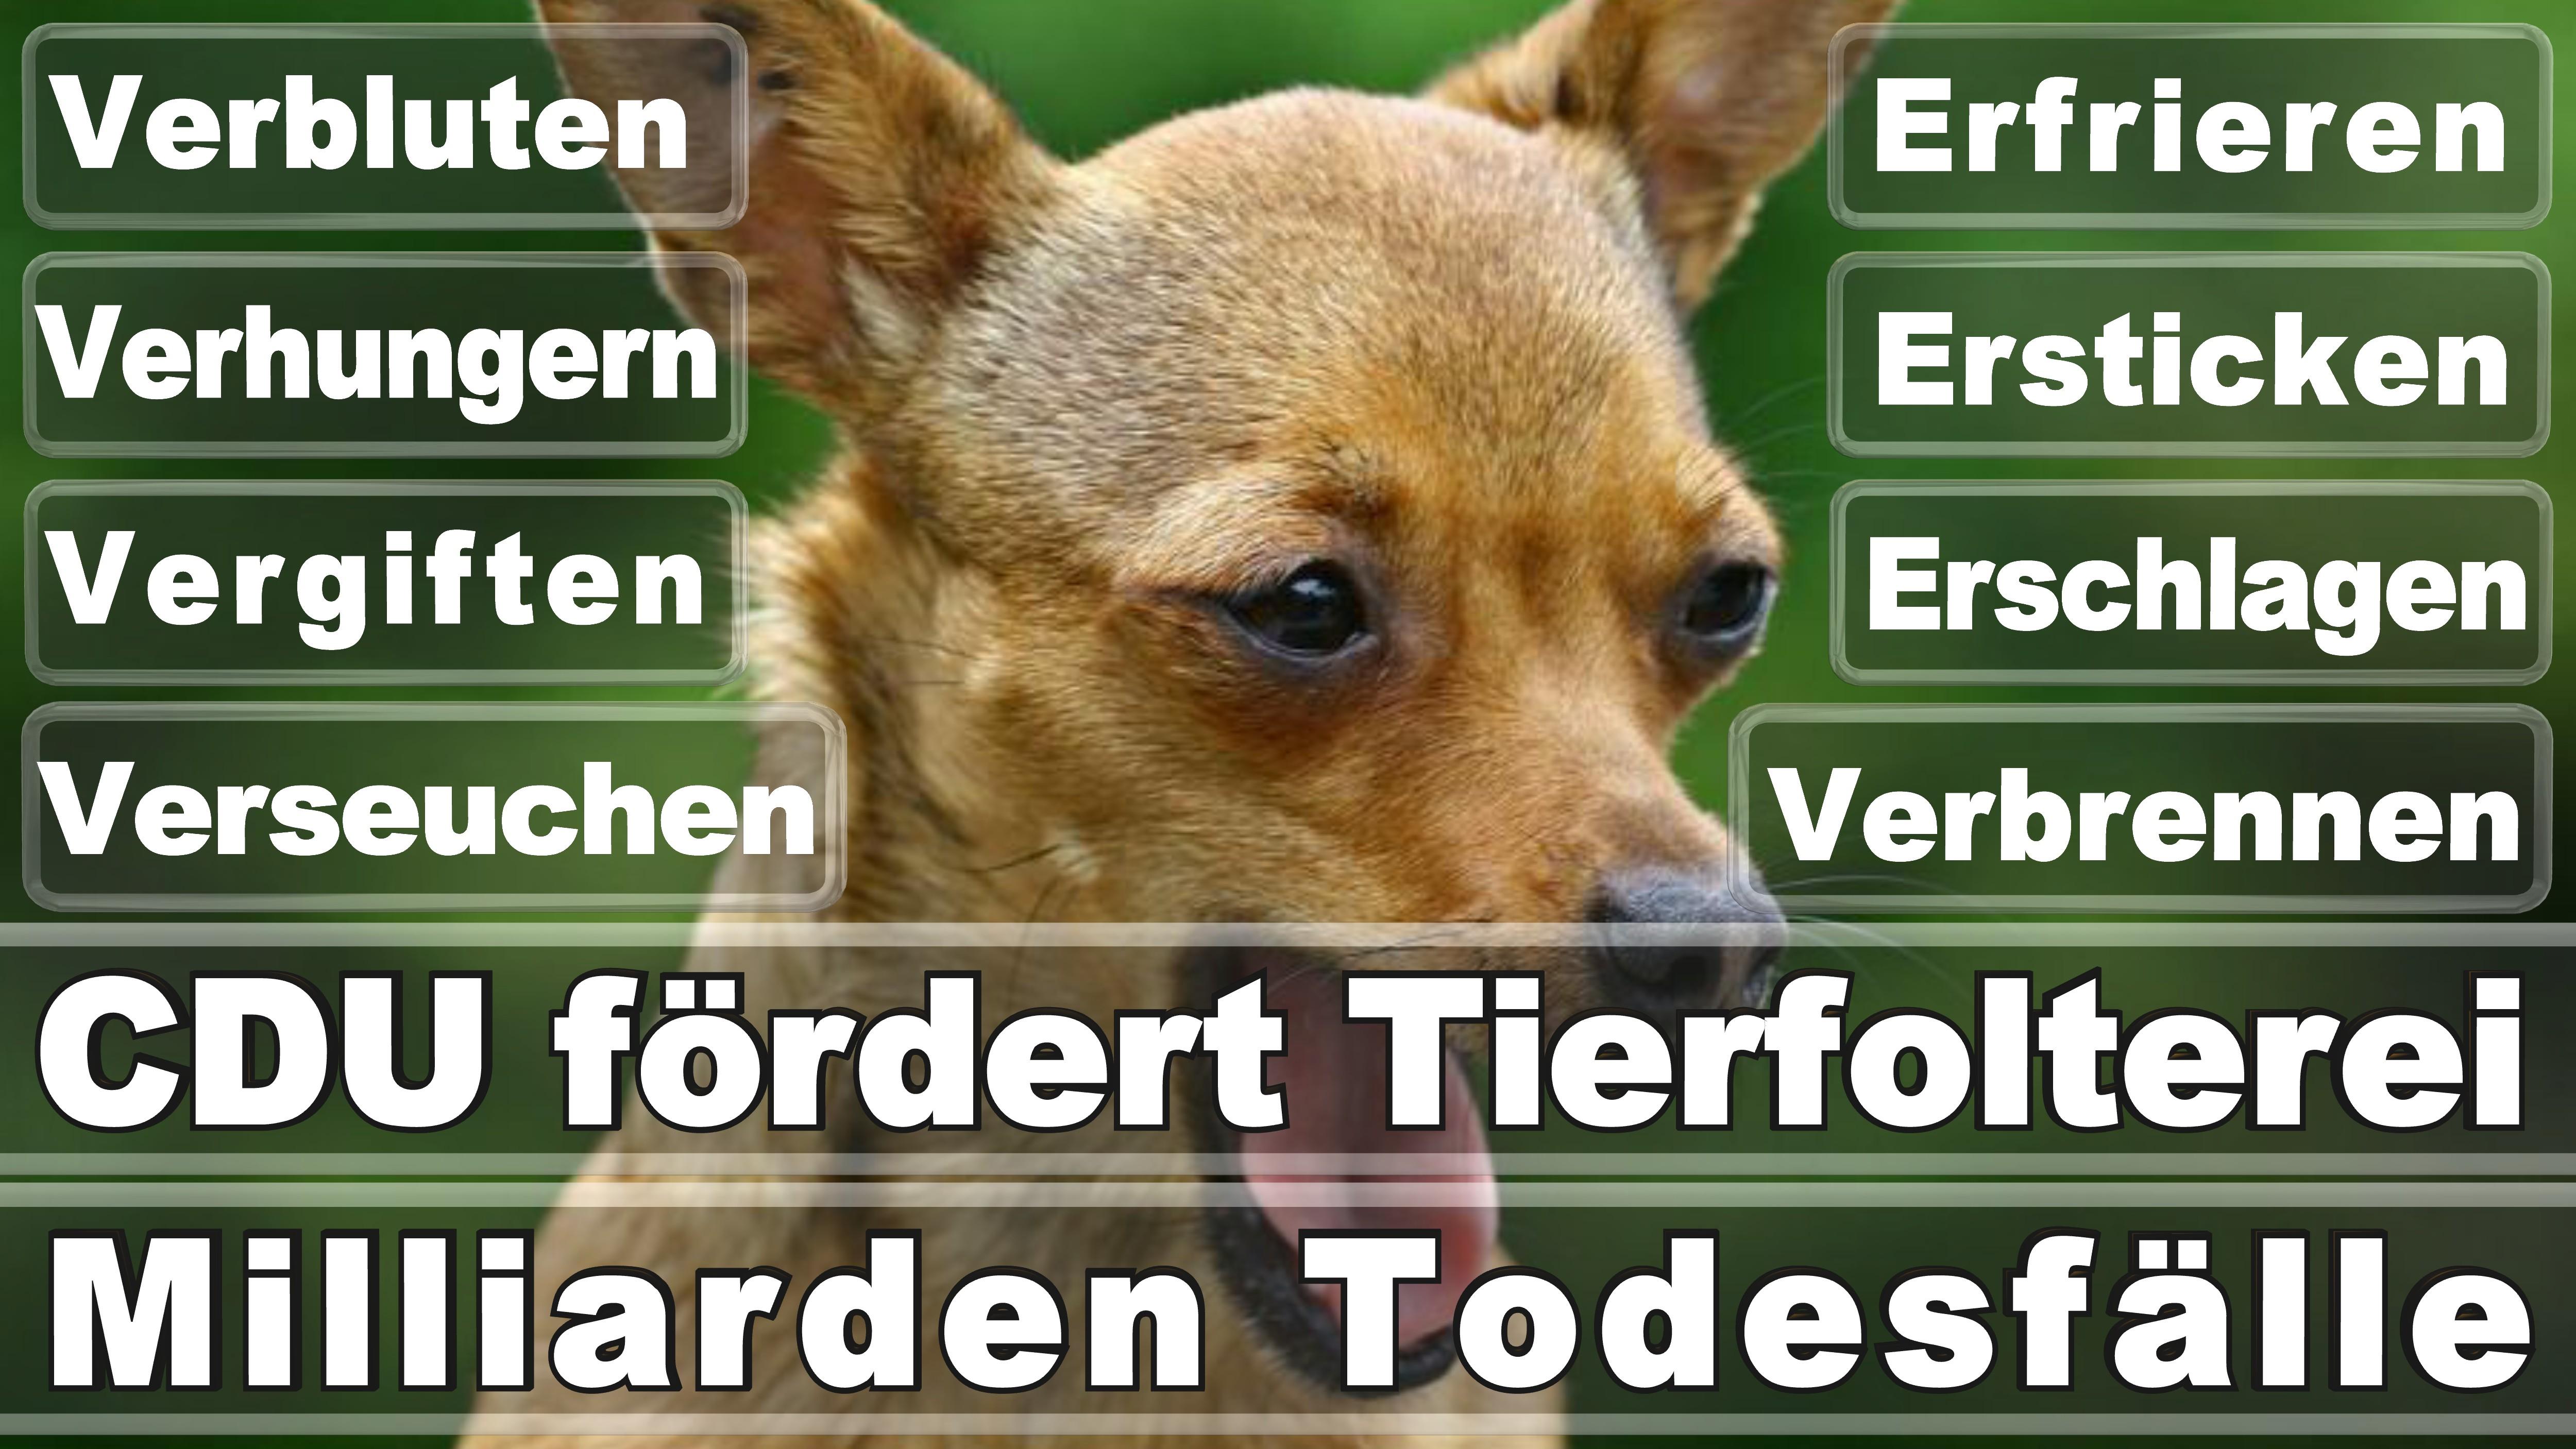 Bundestagswahl 2017 Germania Elezioni Poster Angela Merkel Winner Loser